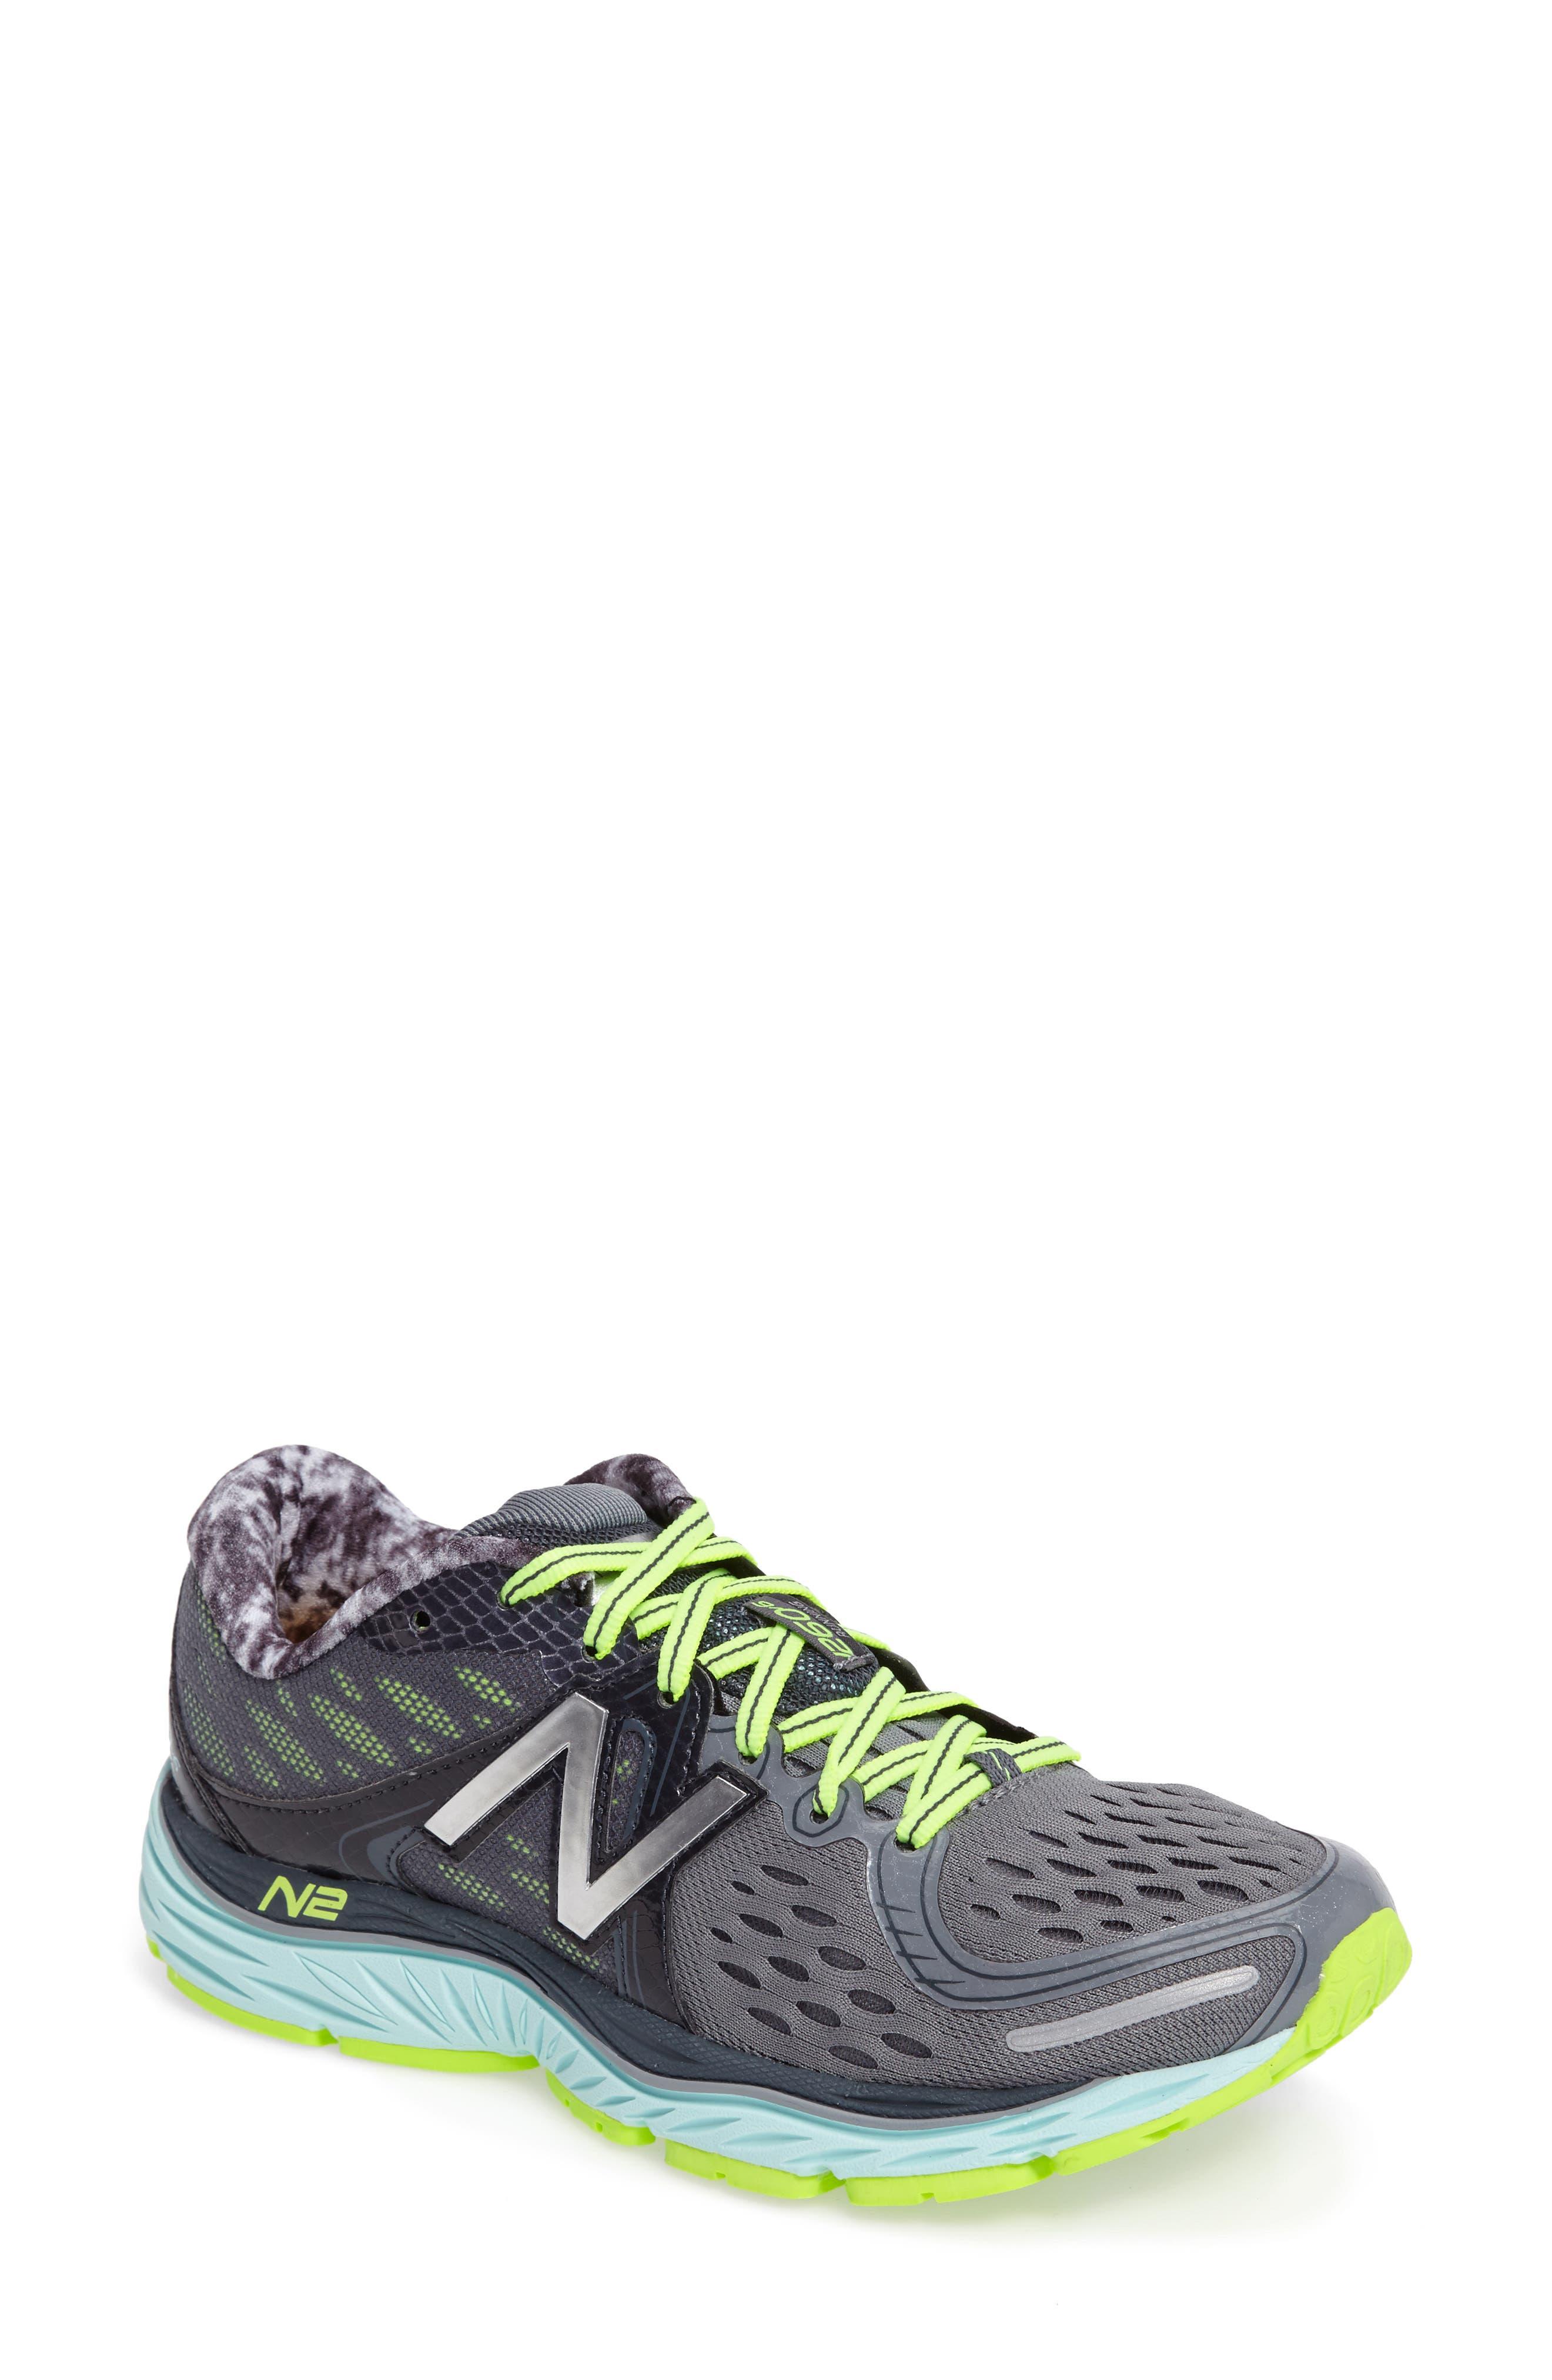 Alternate Image 1 Selected - New Balance 1260 v6 Running Shoe (Women)